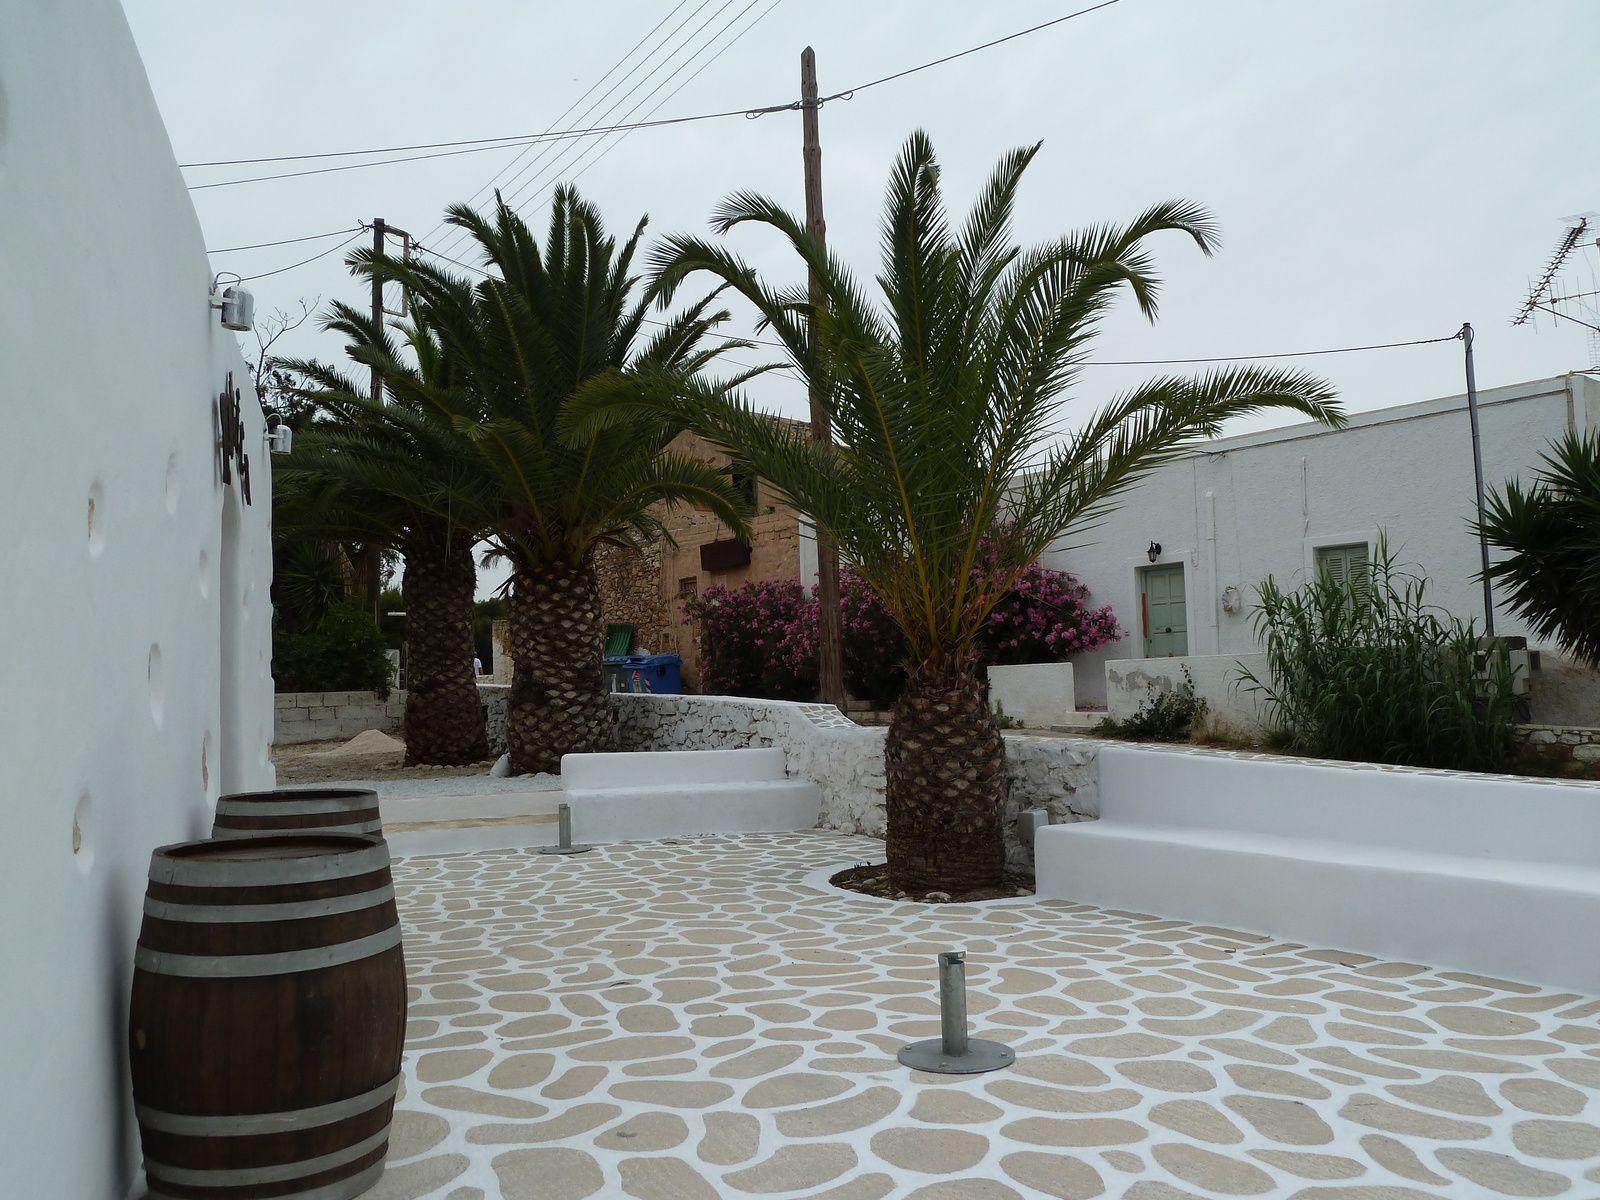 Visite rapide du village quasiment désert, le temps commence à se gâter....